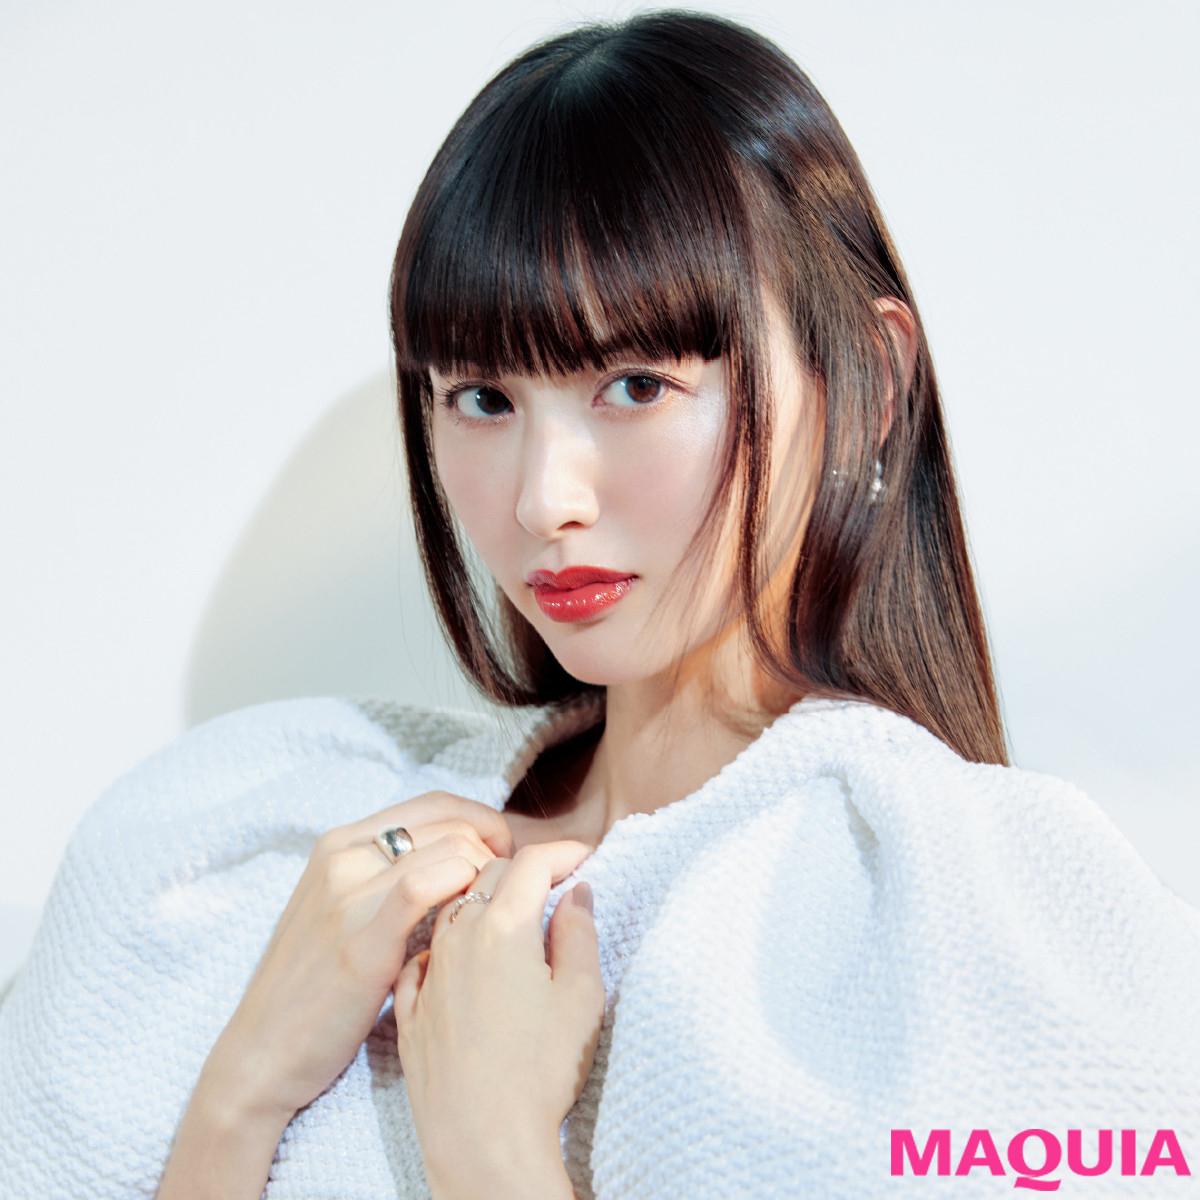 鈴木えみはアイクリームデビュー! 美女たちがキレイと人生のために始めたこと